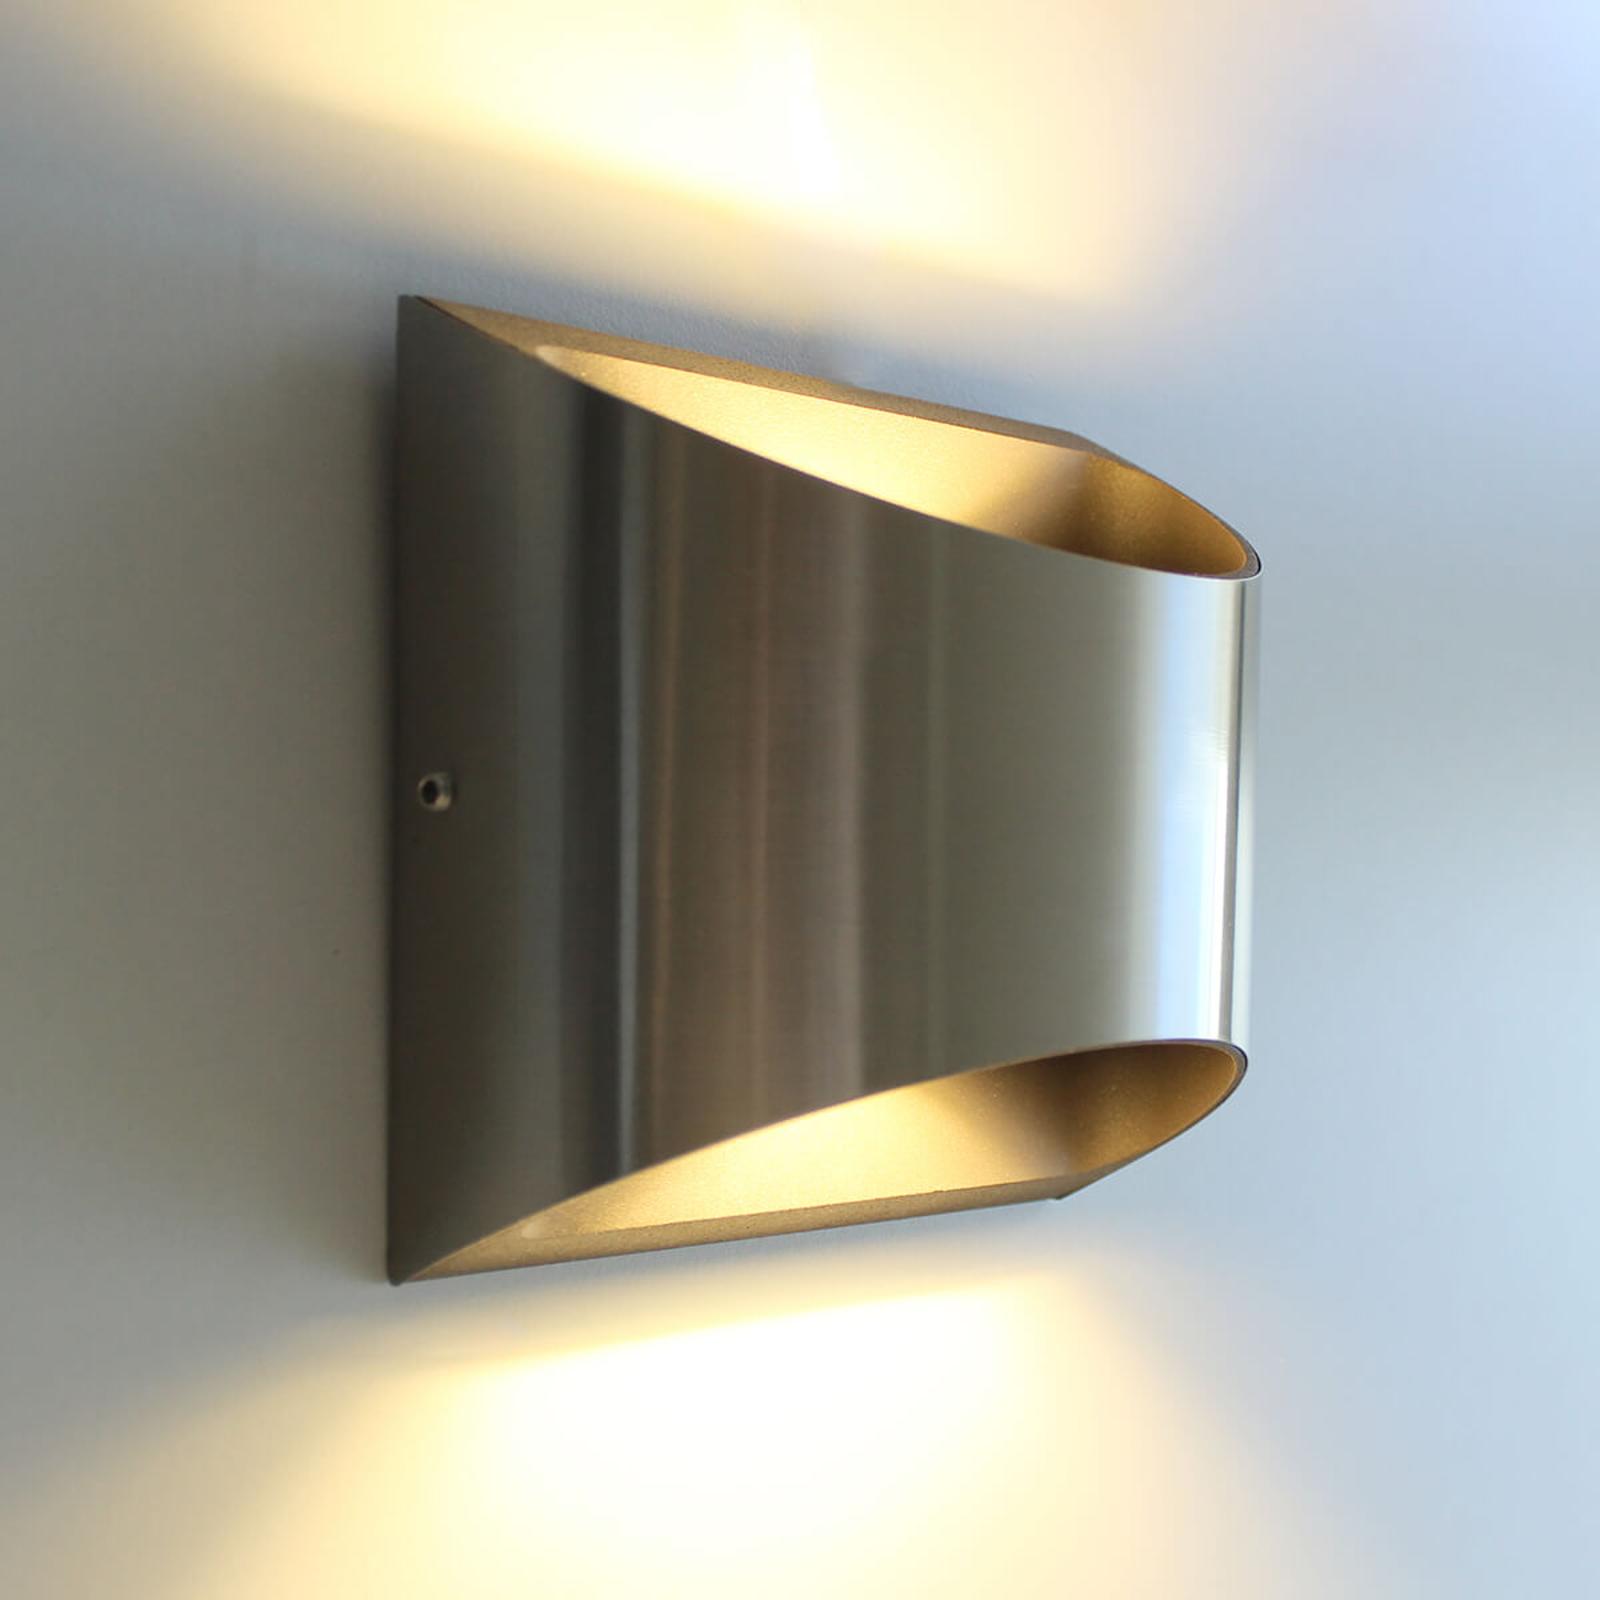 Dodd - udendørsvæglampe i rustfrit stål med LED